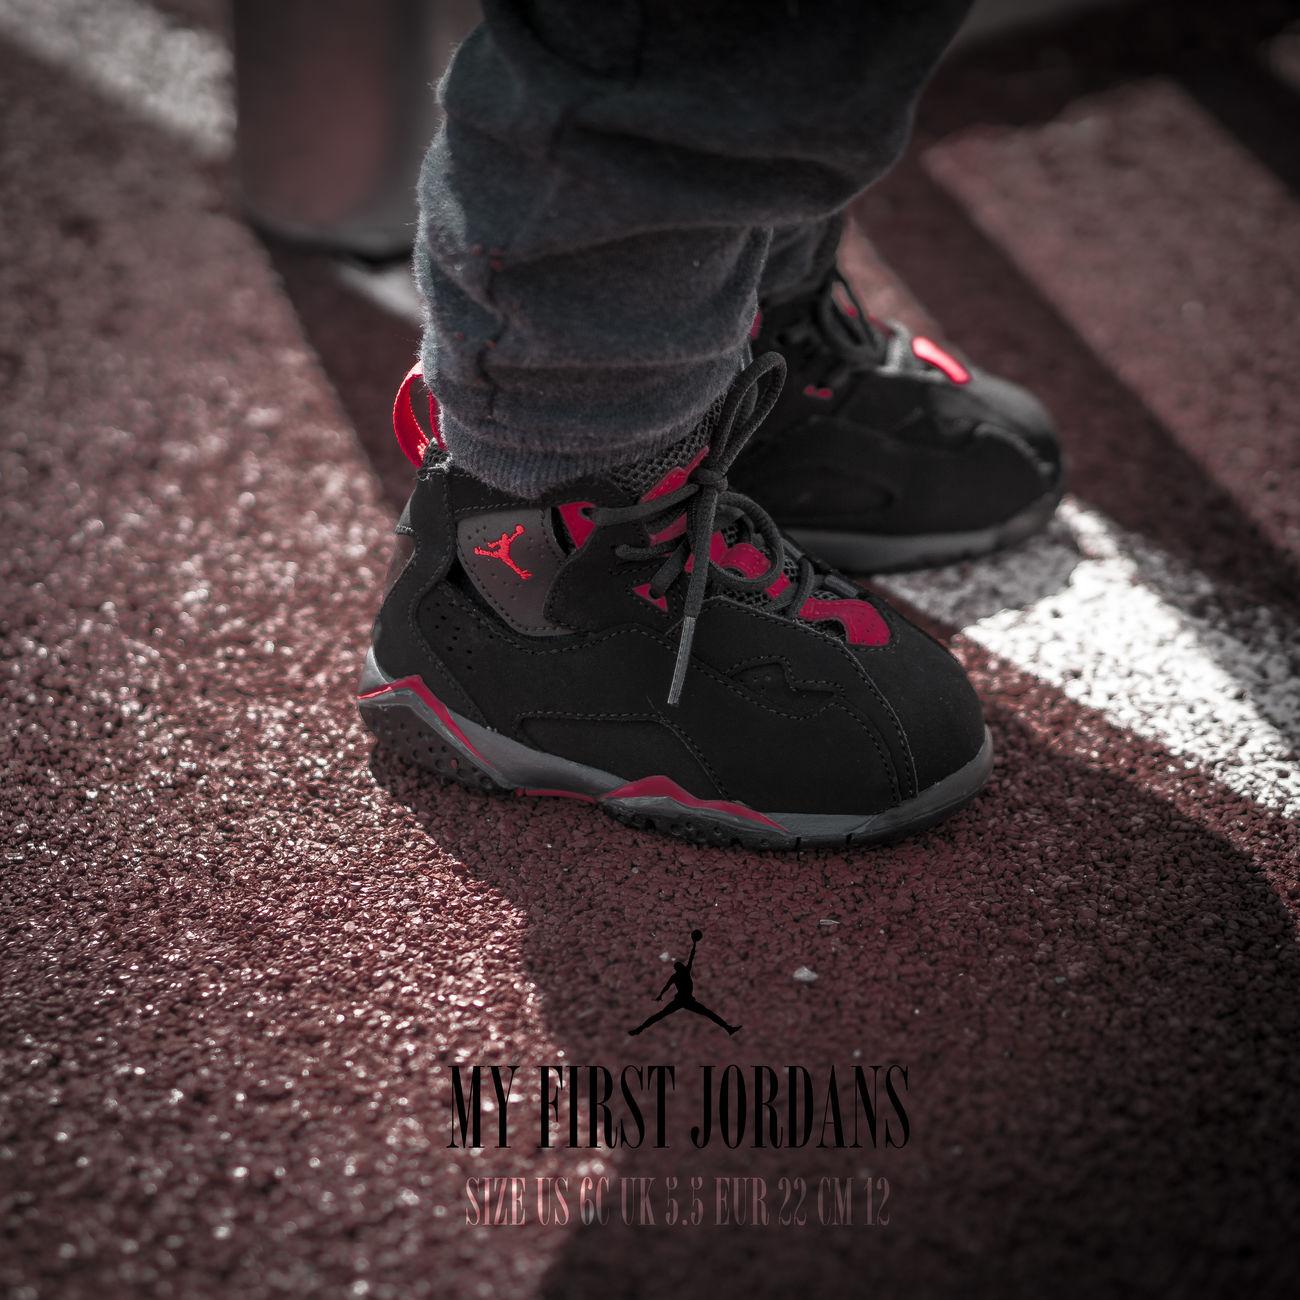 Air Jordan Air Jordan 6 Close-up Homecourt  Jordan Kid Nike Shoe